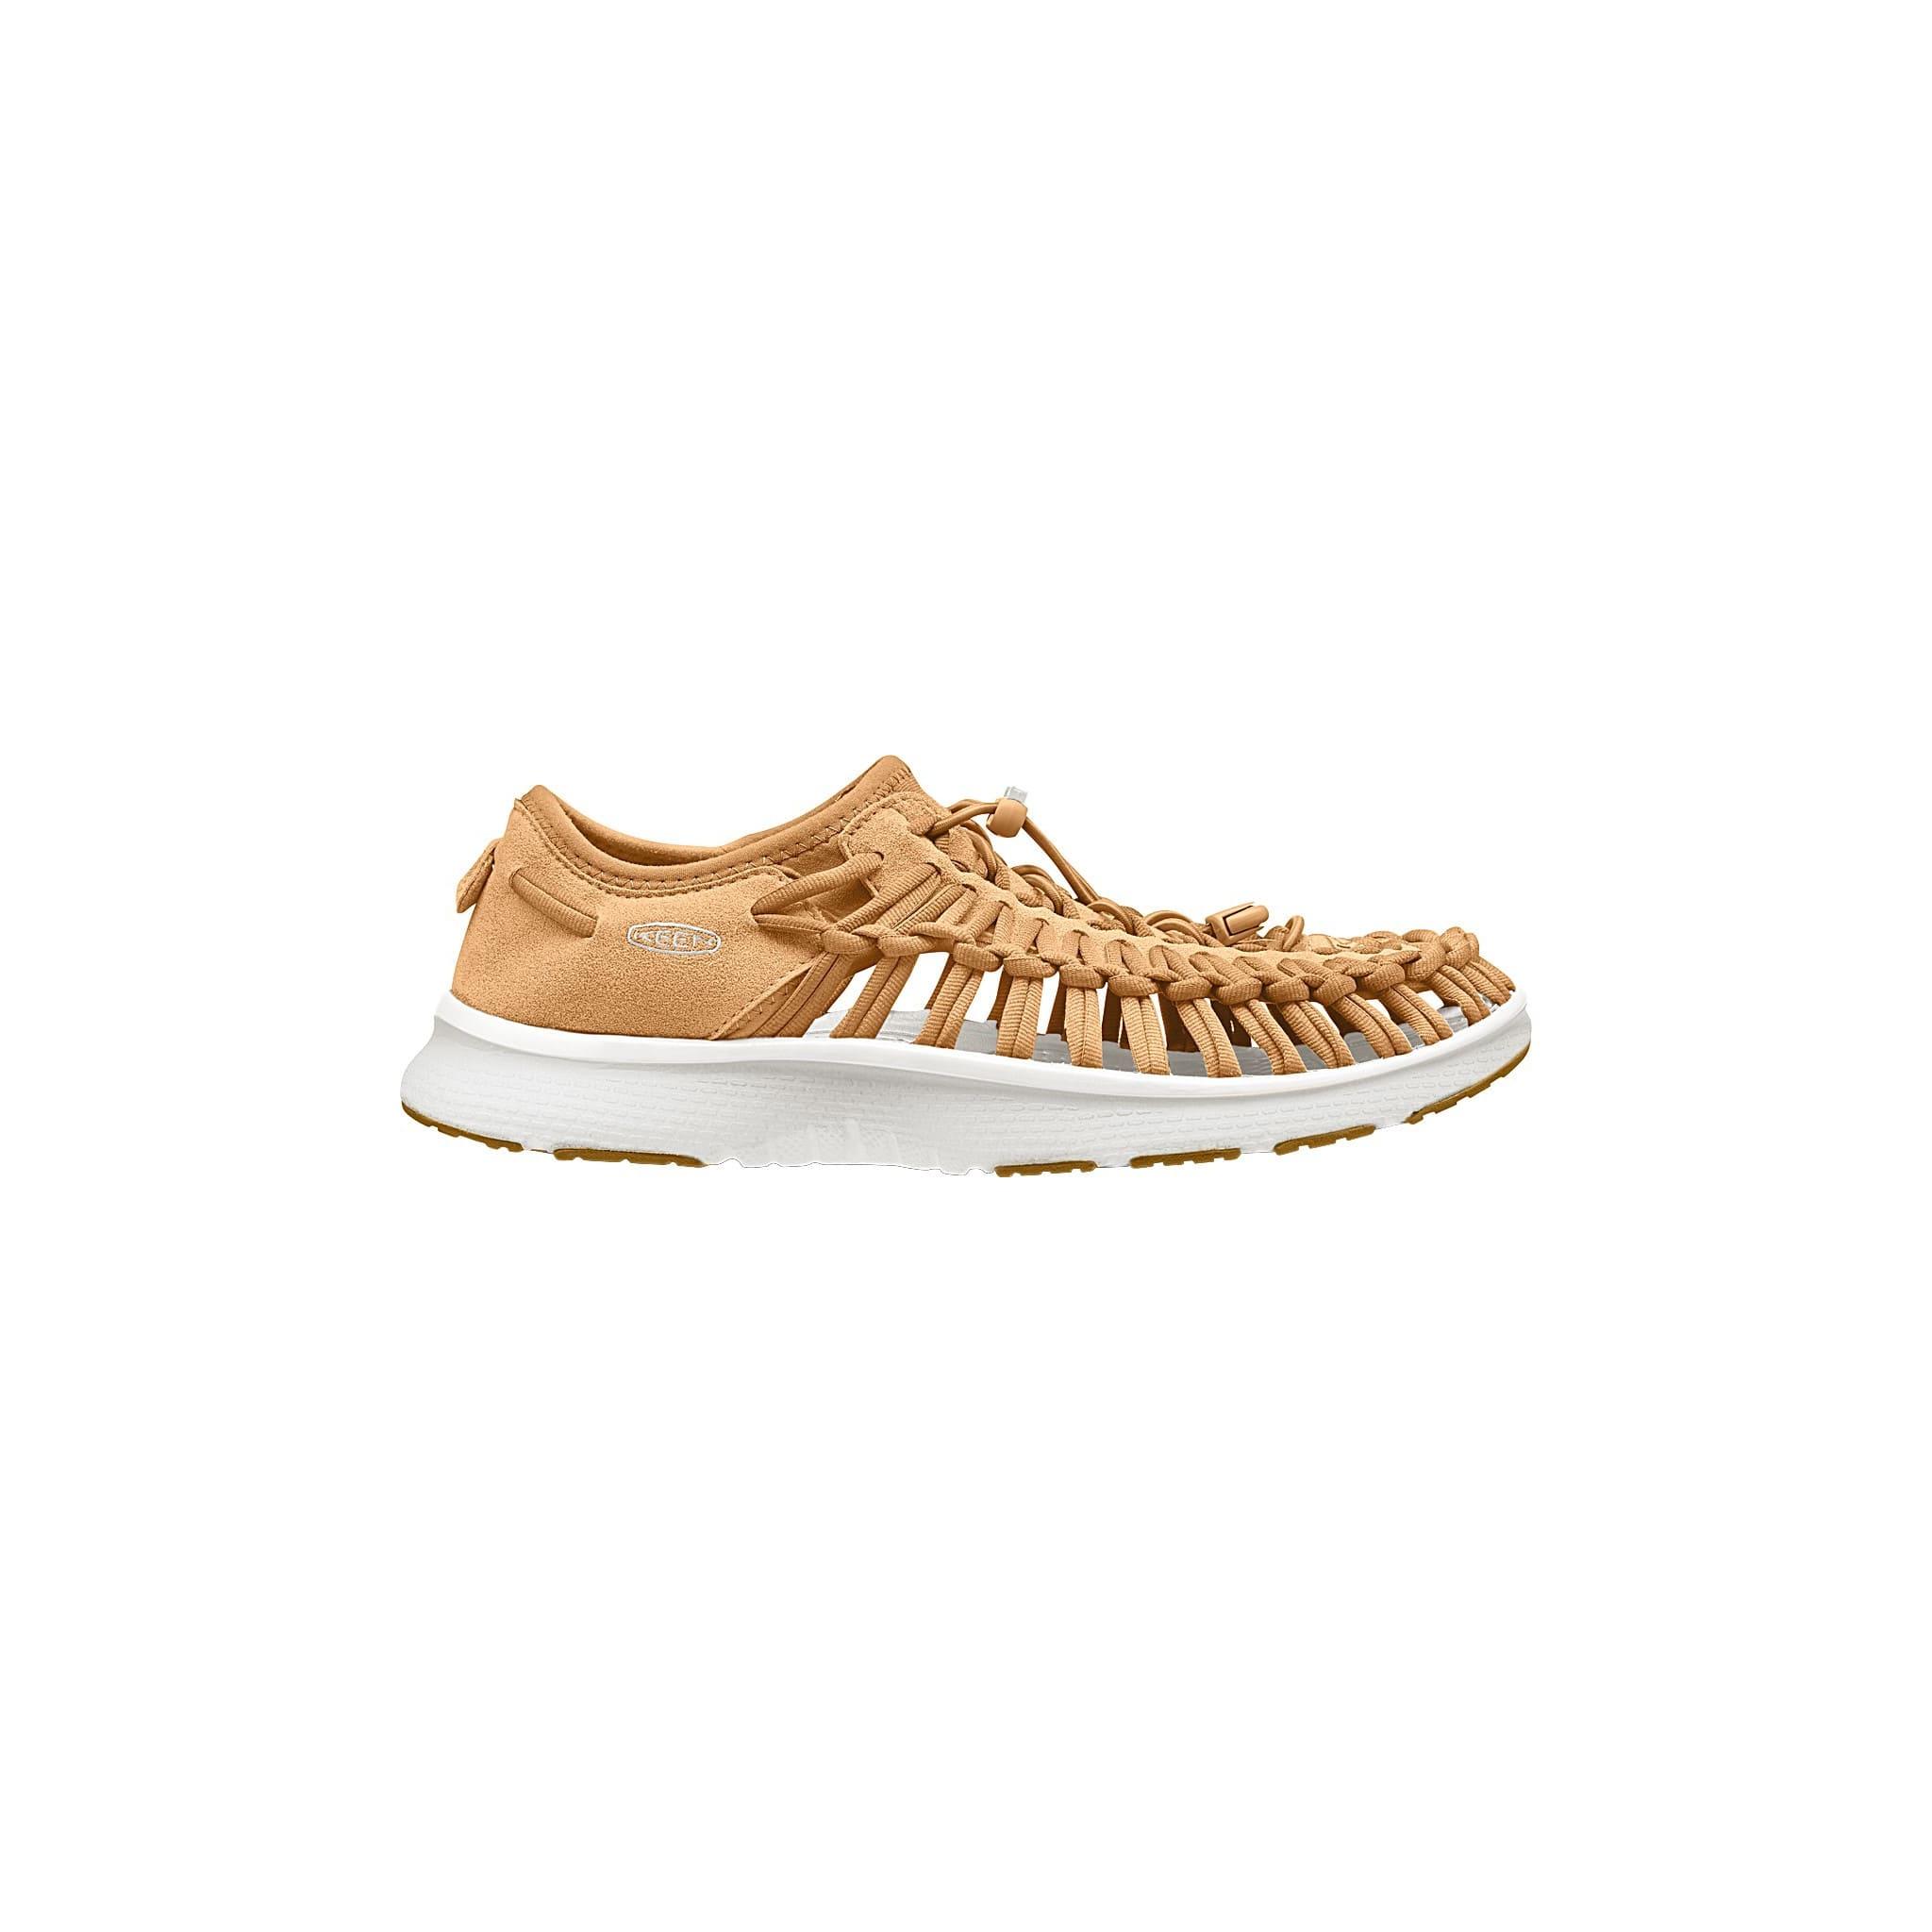 Krysning mellom sko og sandal med stilig utseende til dame